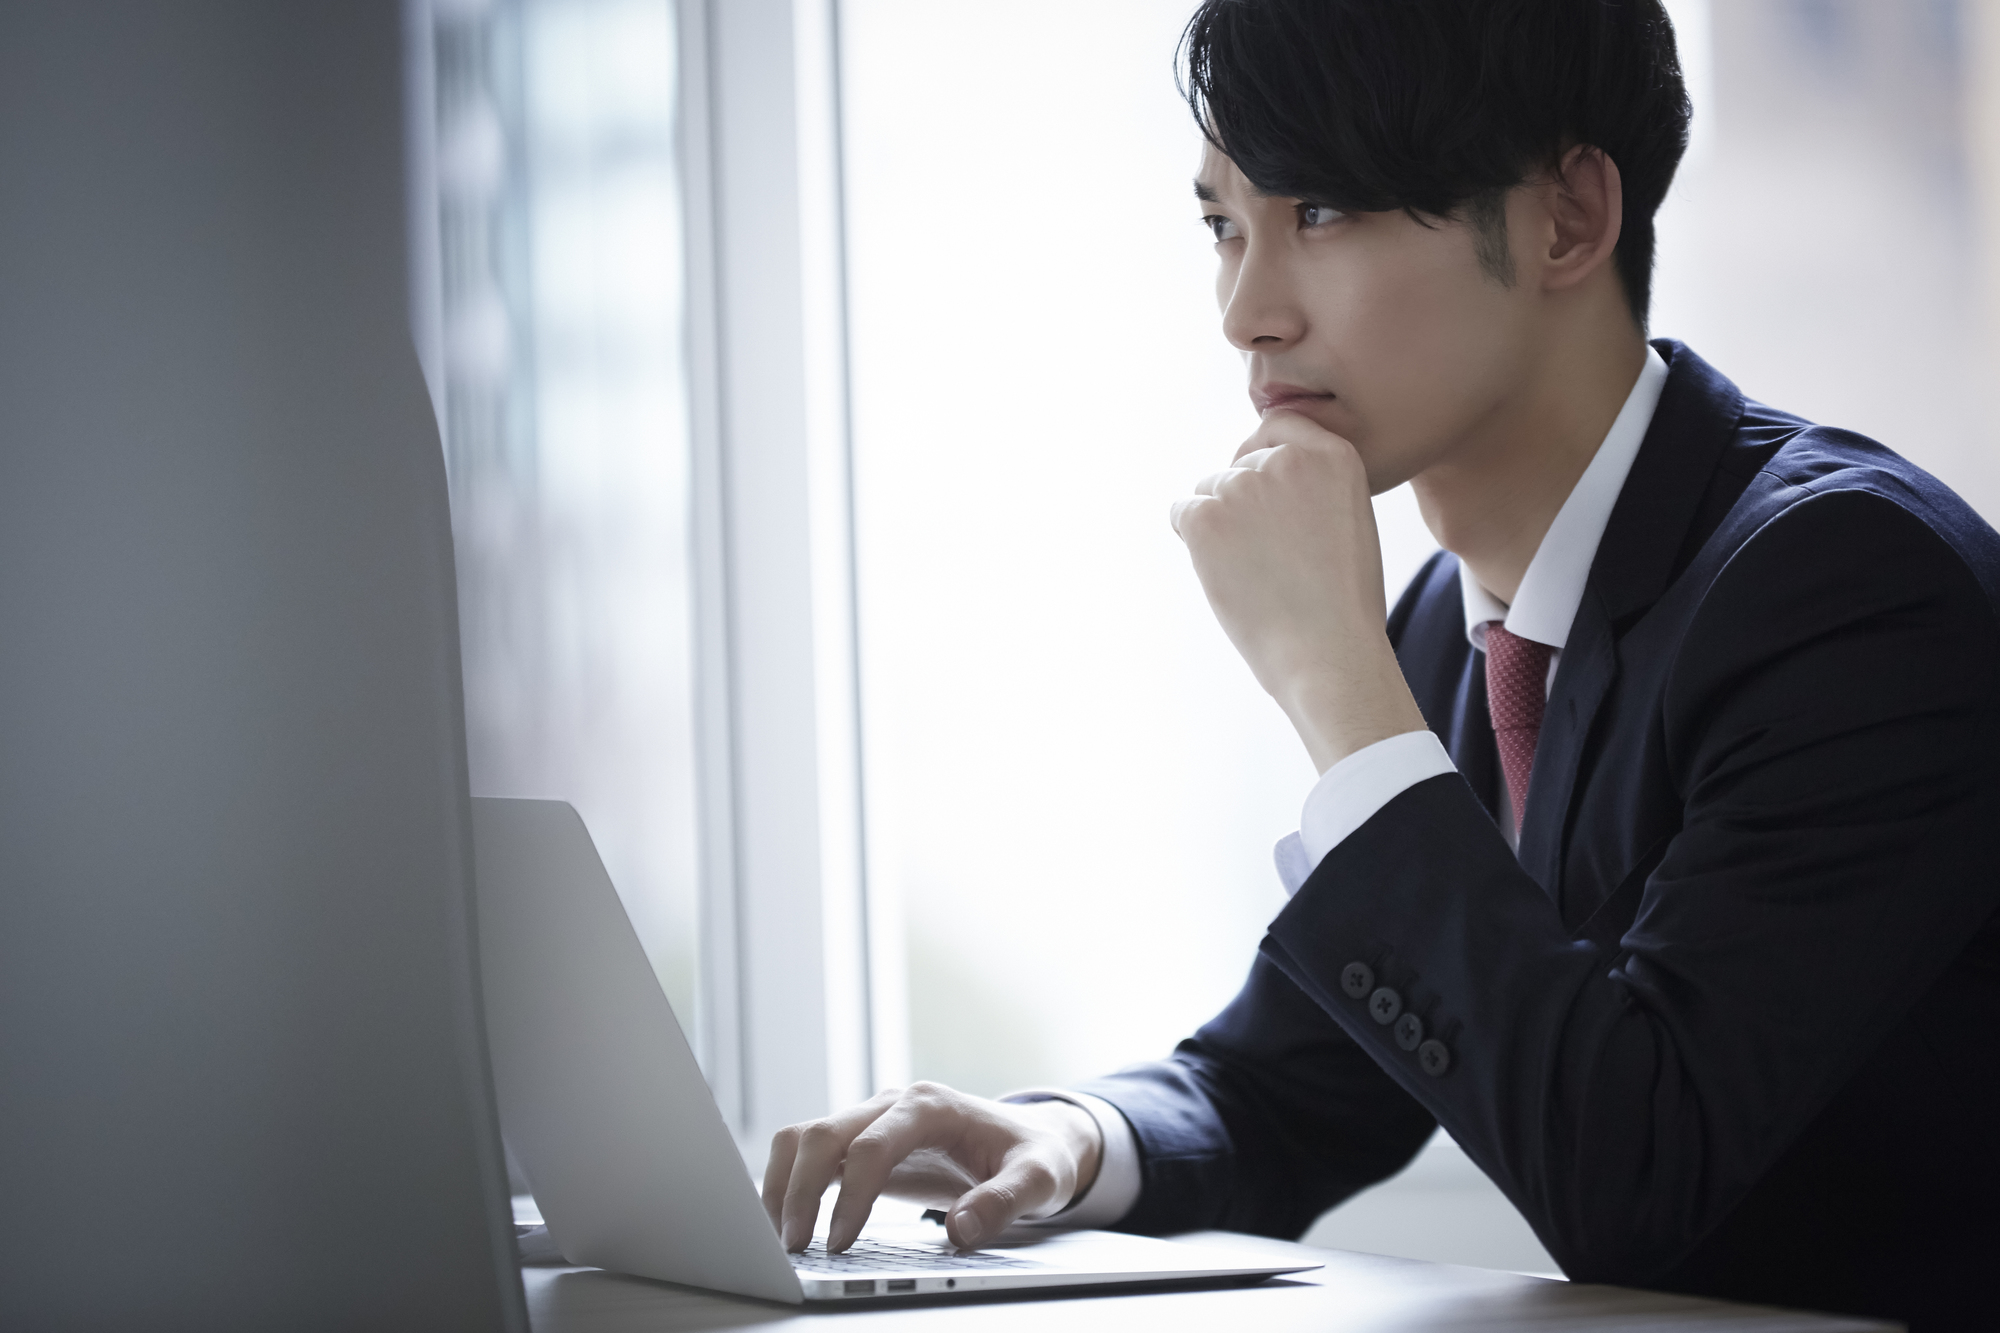 【ガイドシート付き】転職を成功に導く、自己分析の極意!